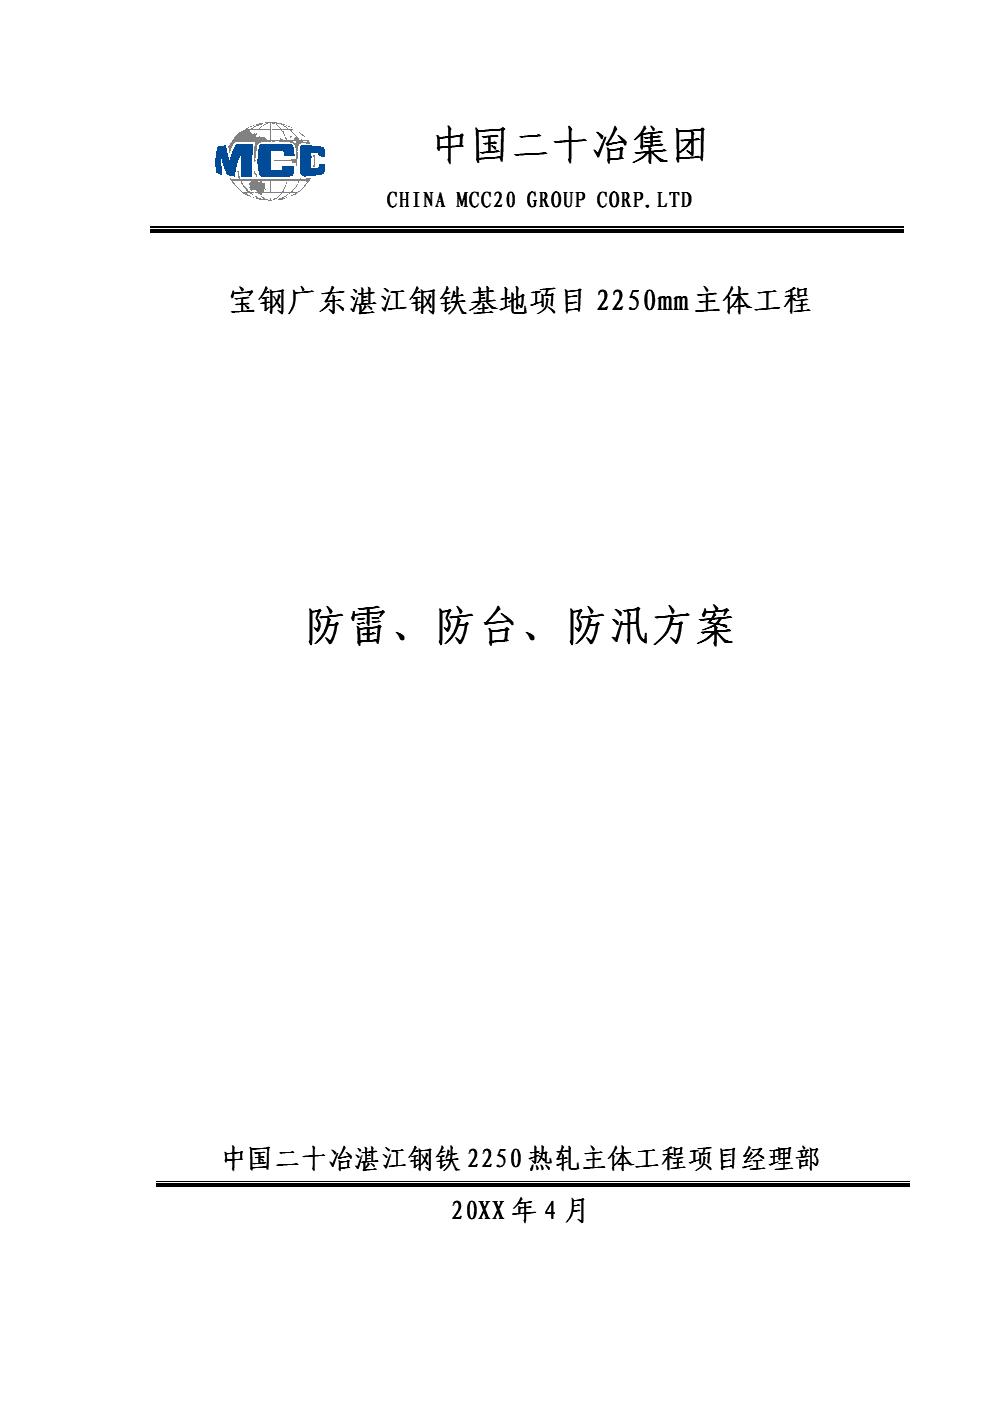 防雷防台防汛专项方案.doc